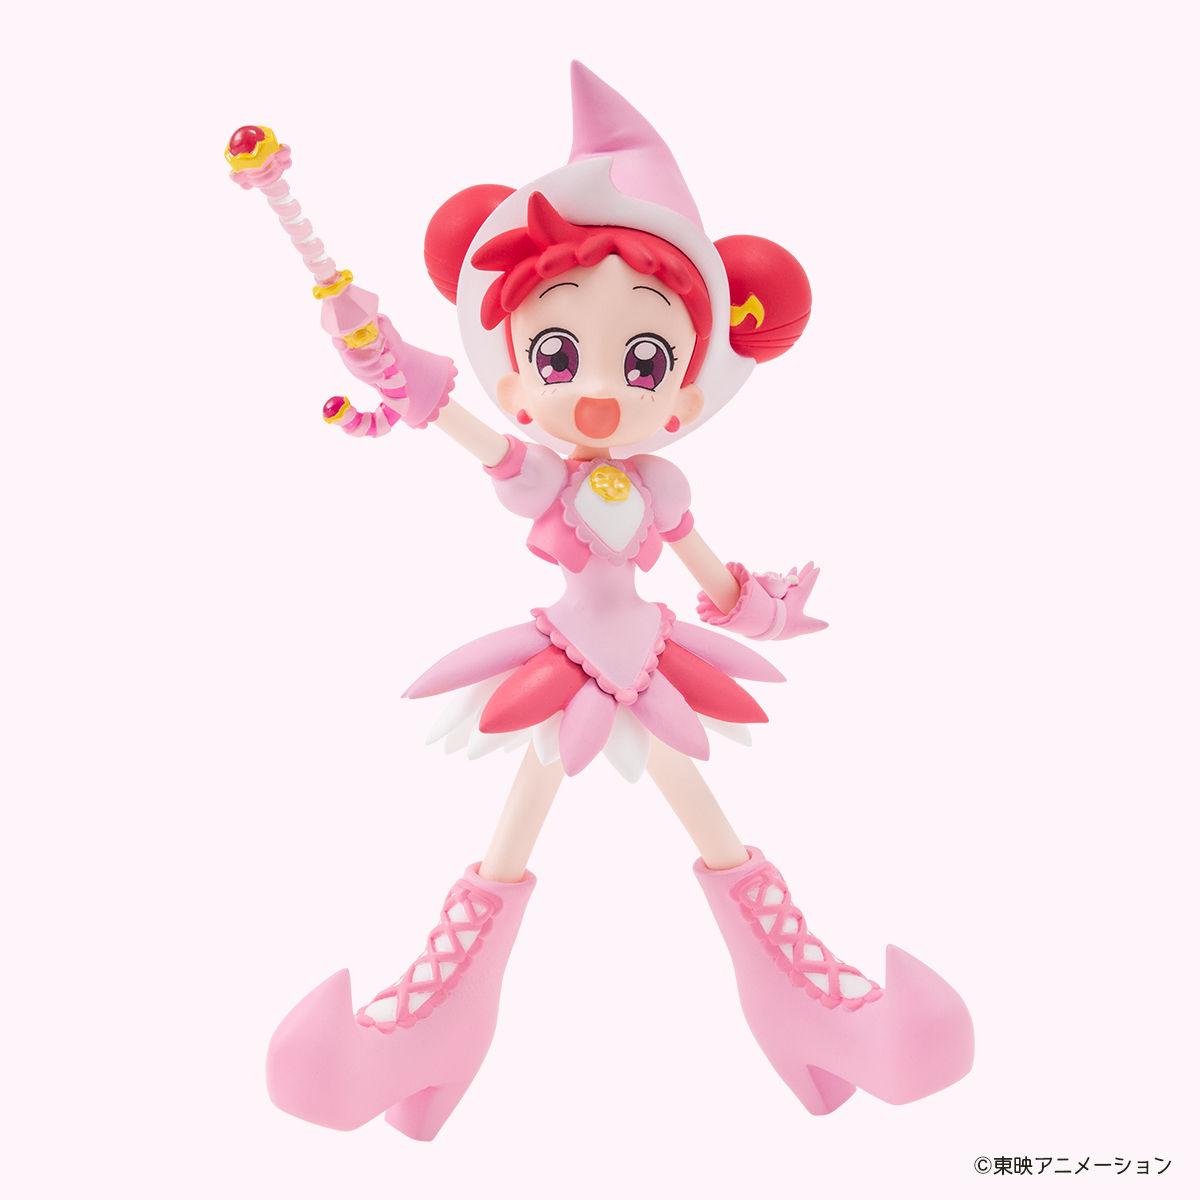 【限定販売】HG GIRLS『おジャ魔女どれみセット』3体セット-002